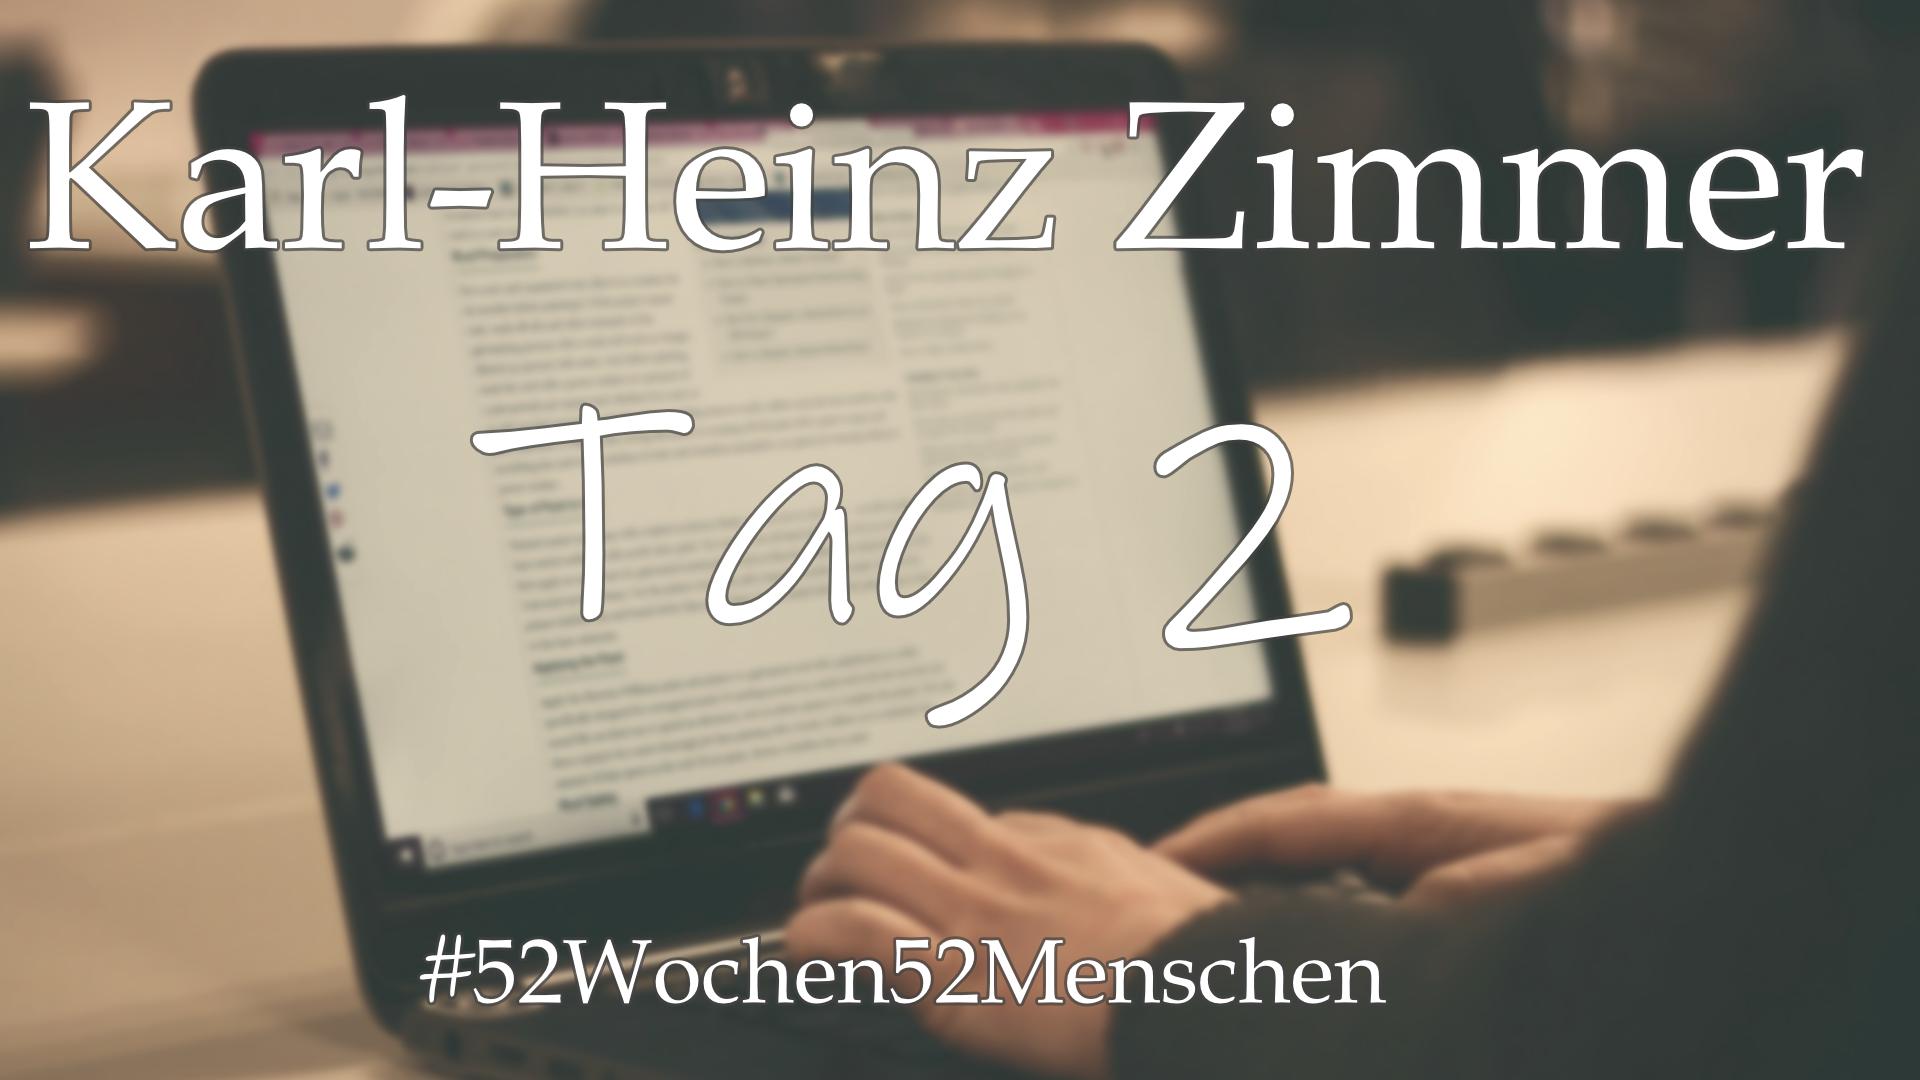 #52Wochen52Menschen: KW3 – Karl-Heinz Zimmer & SPBuchsatz – Tag 2